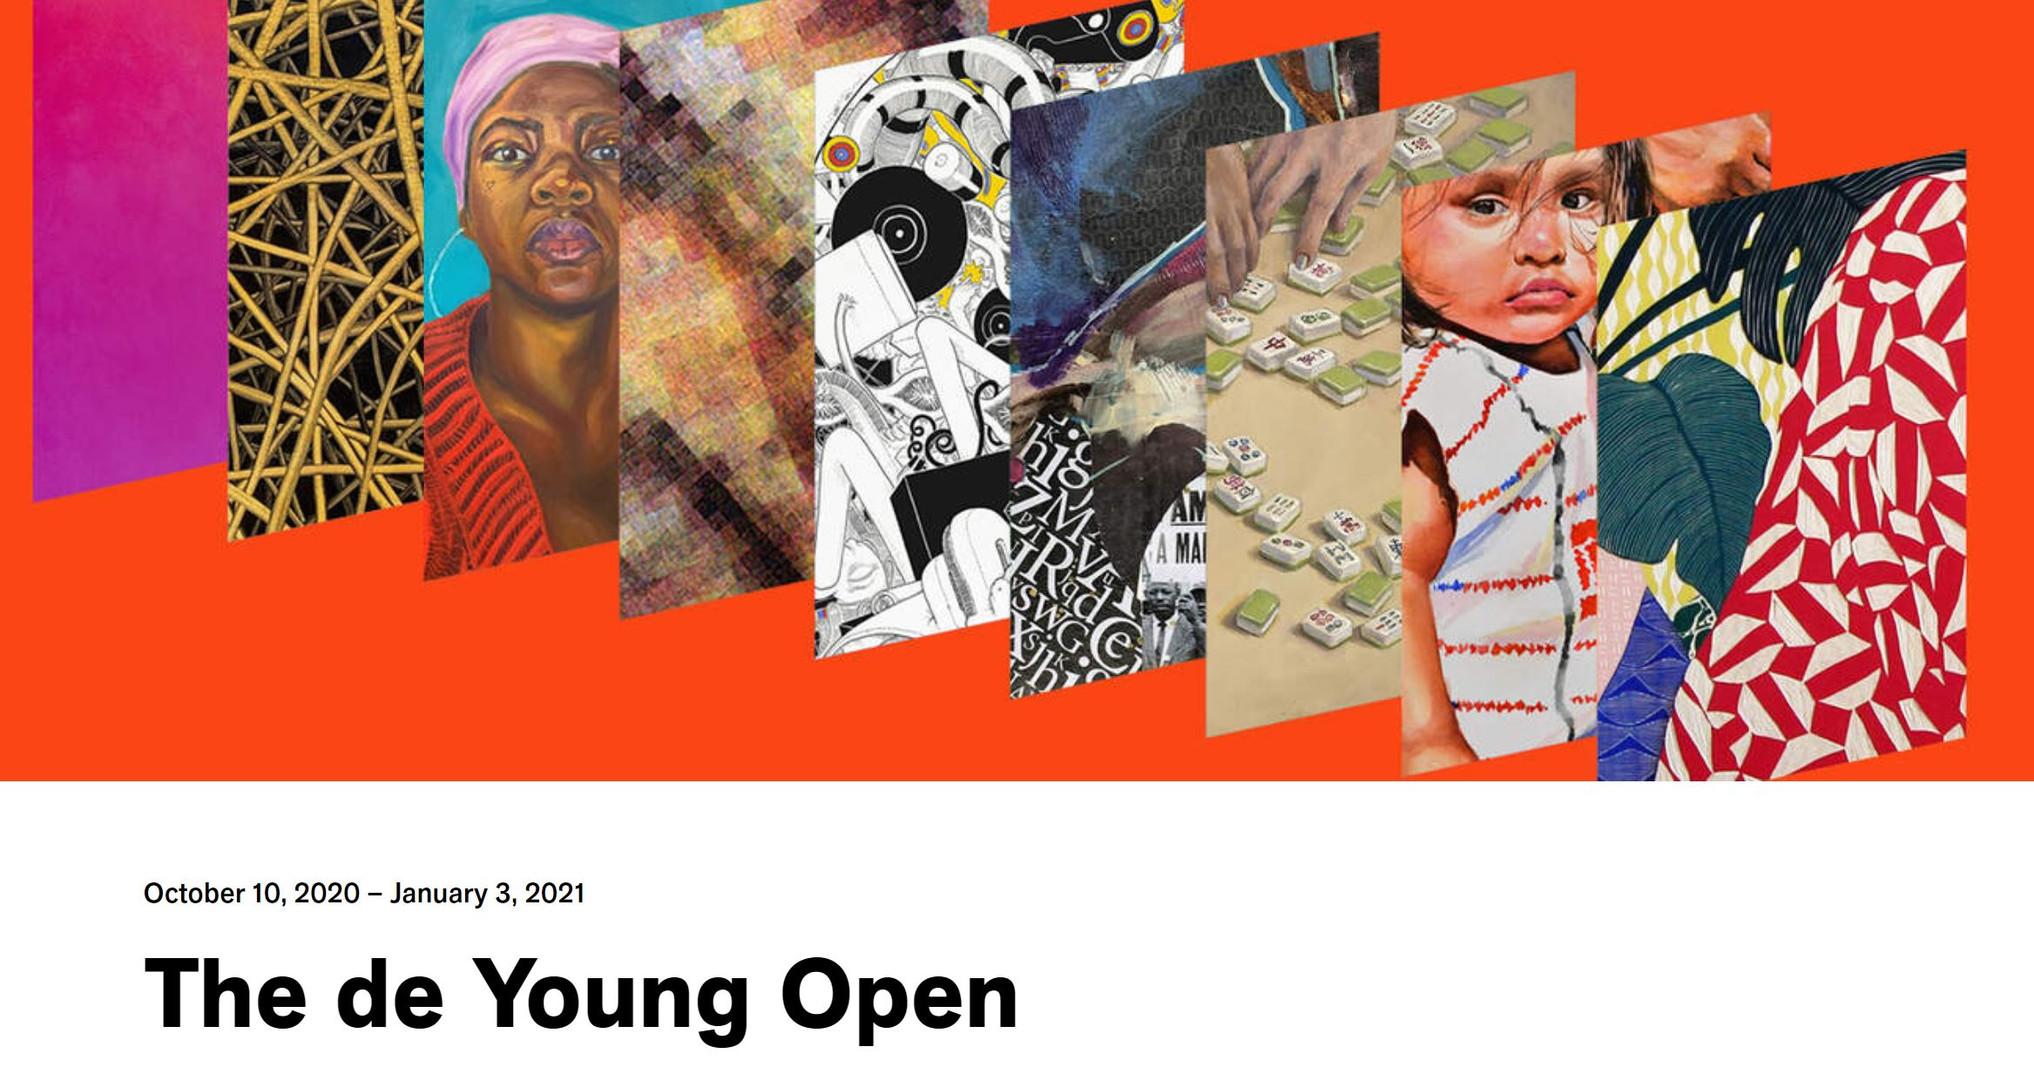 The de Young Open